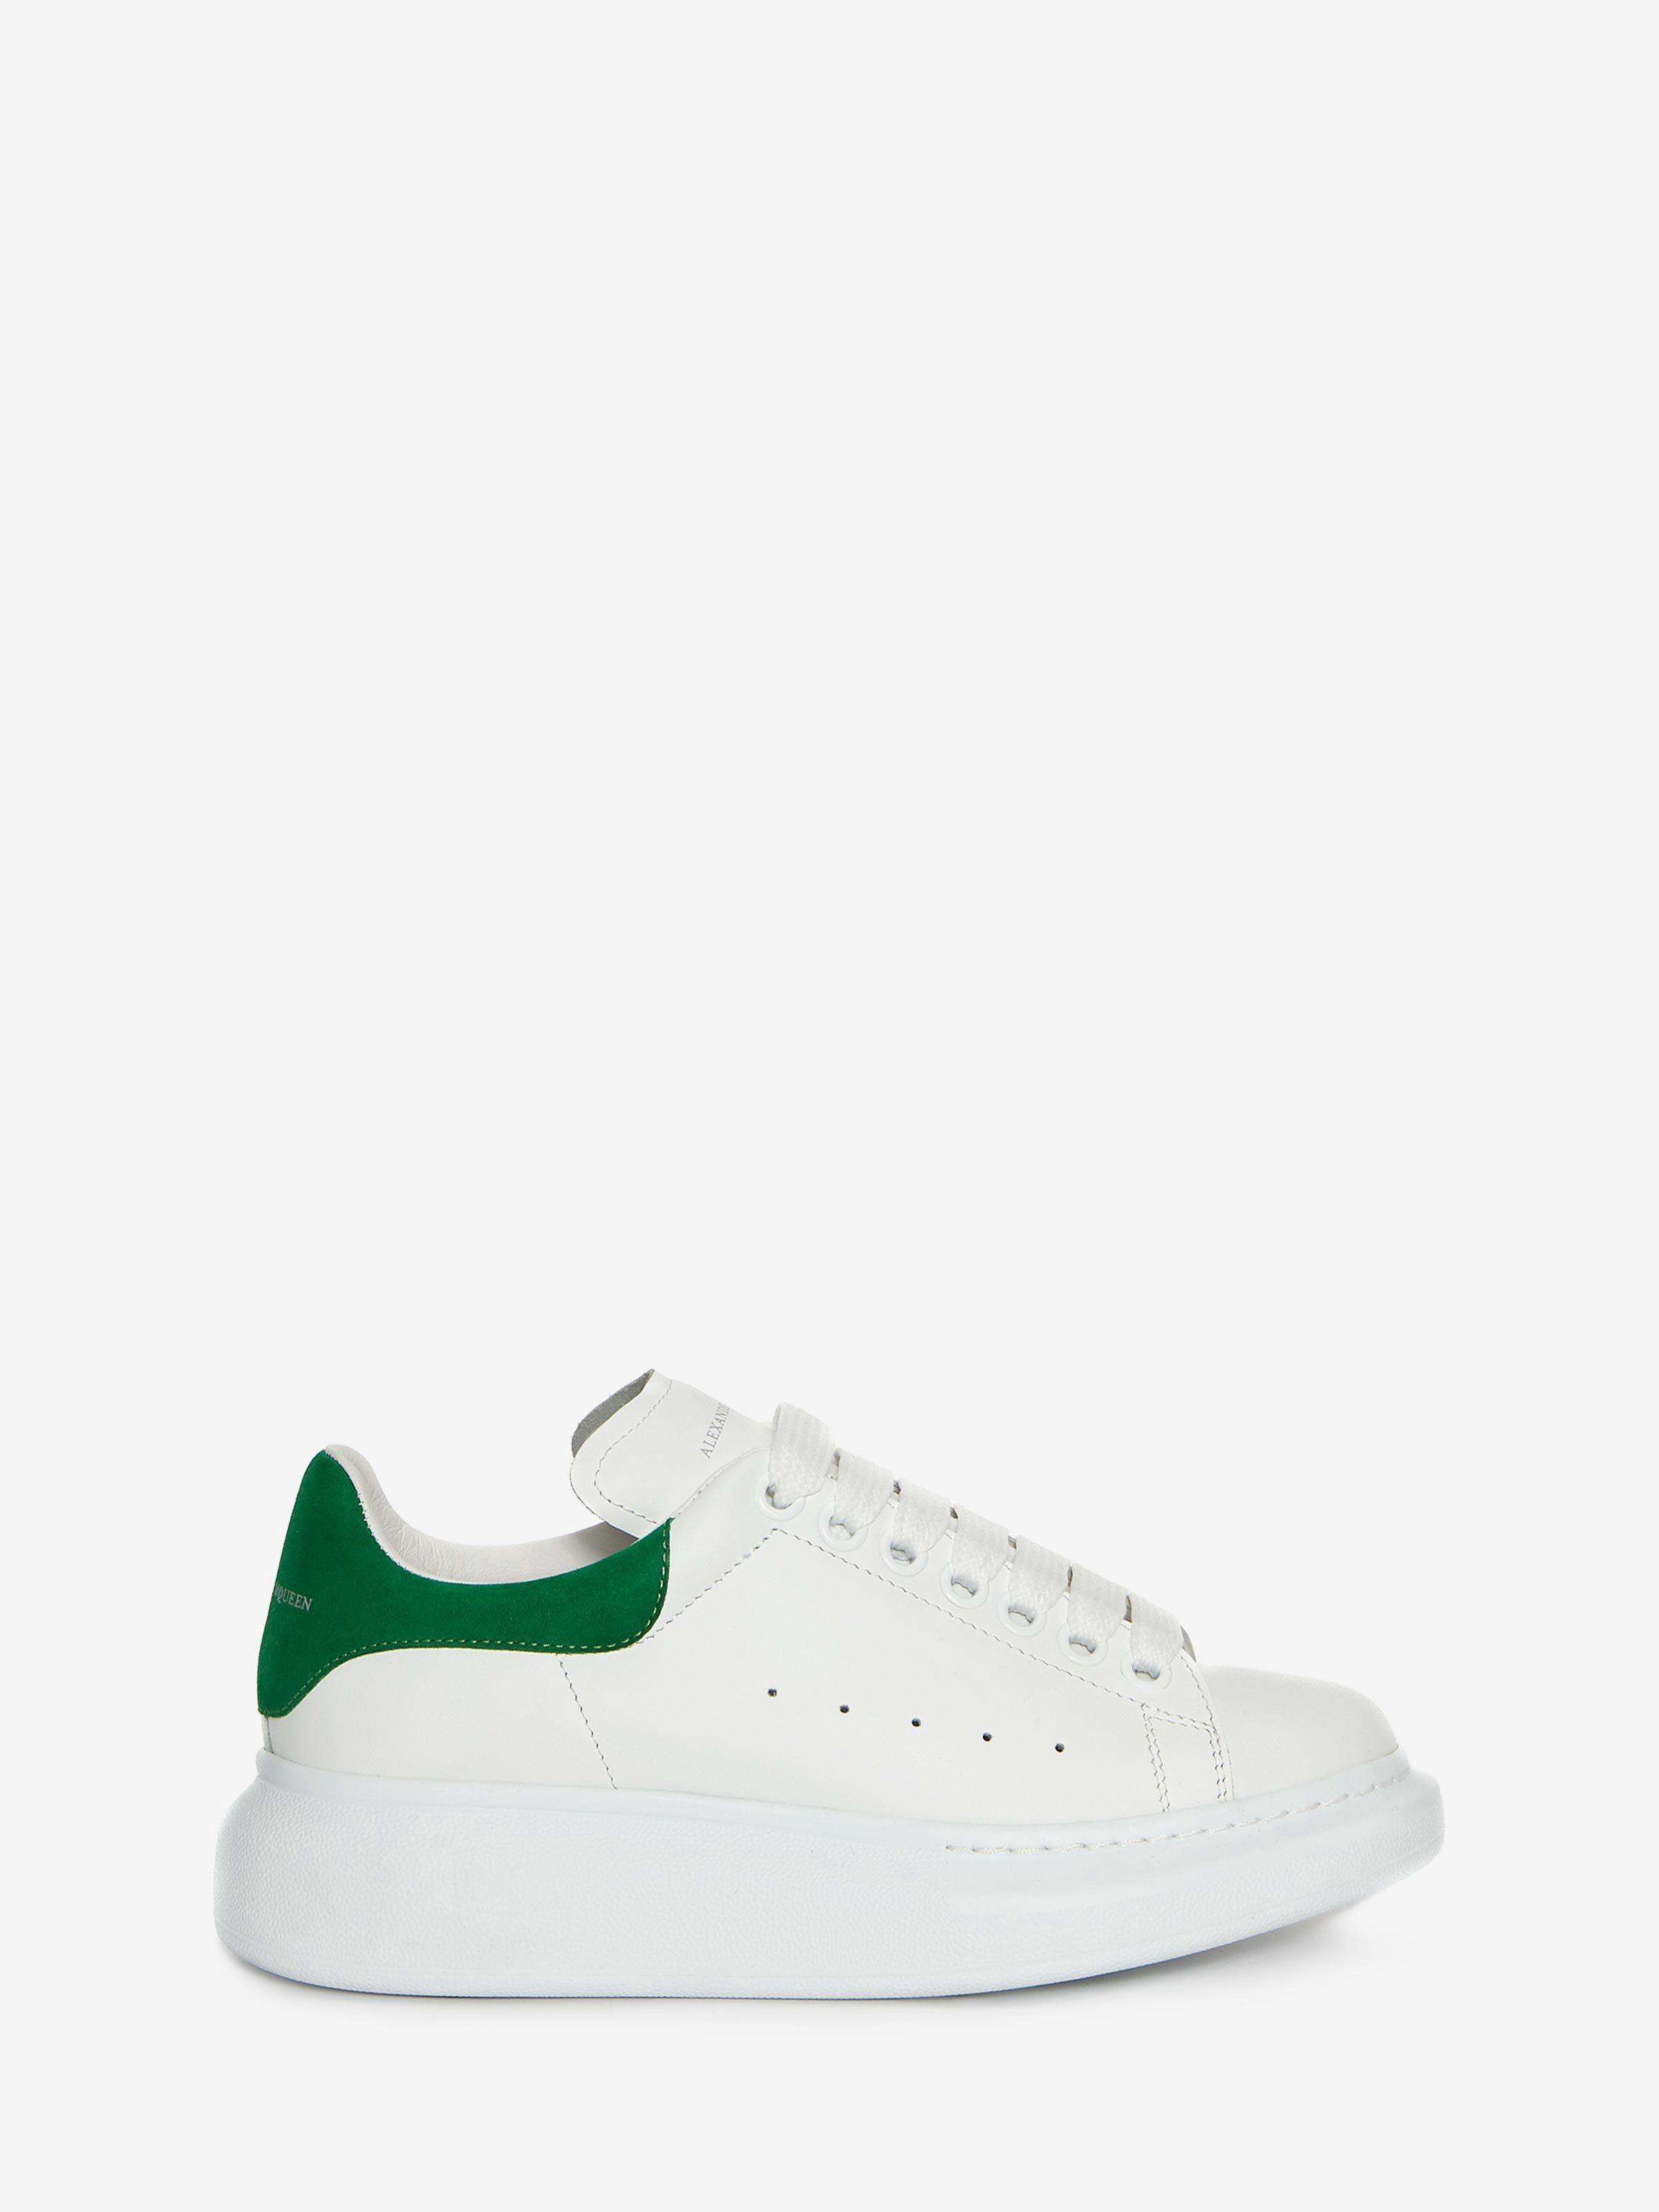 Alexander Mcqueen Oversized Sneaker Green 35 | Products